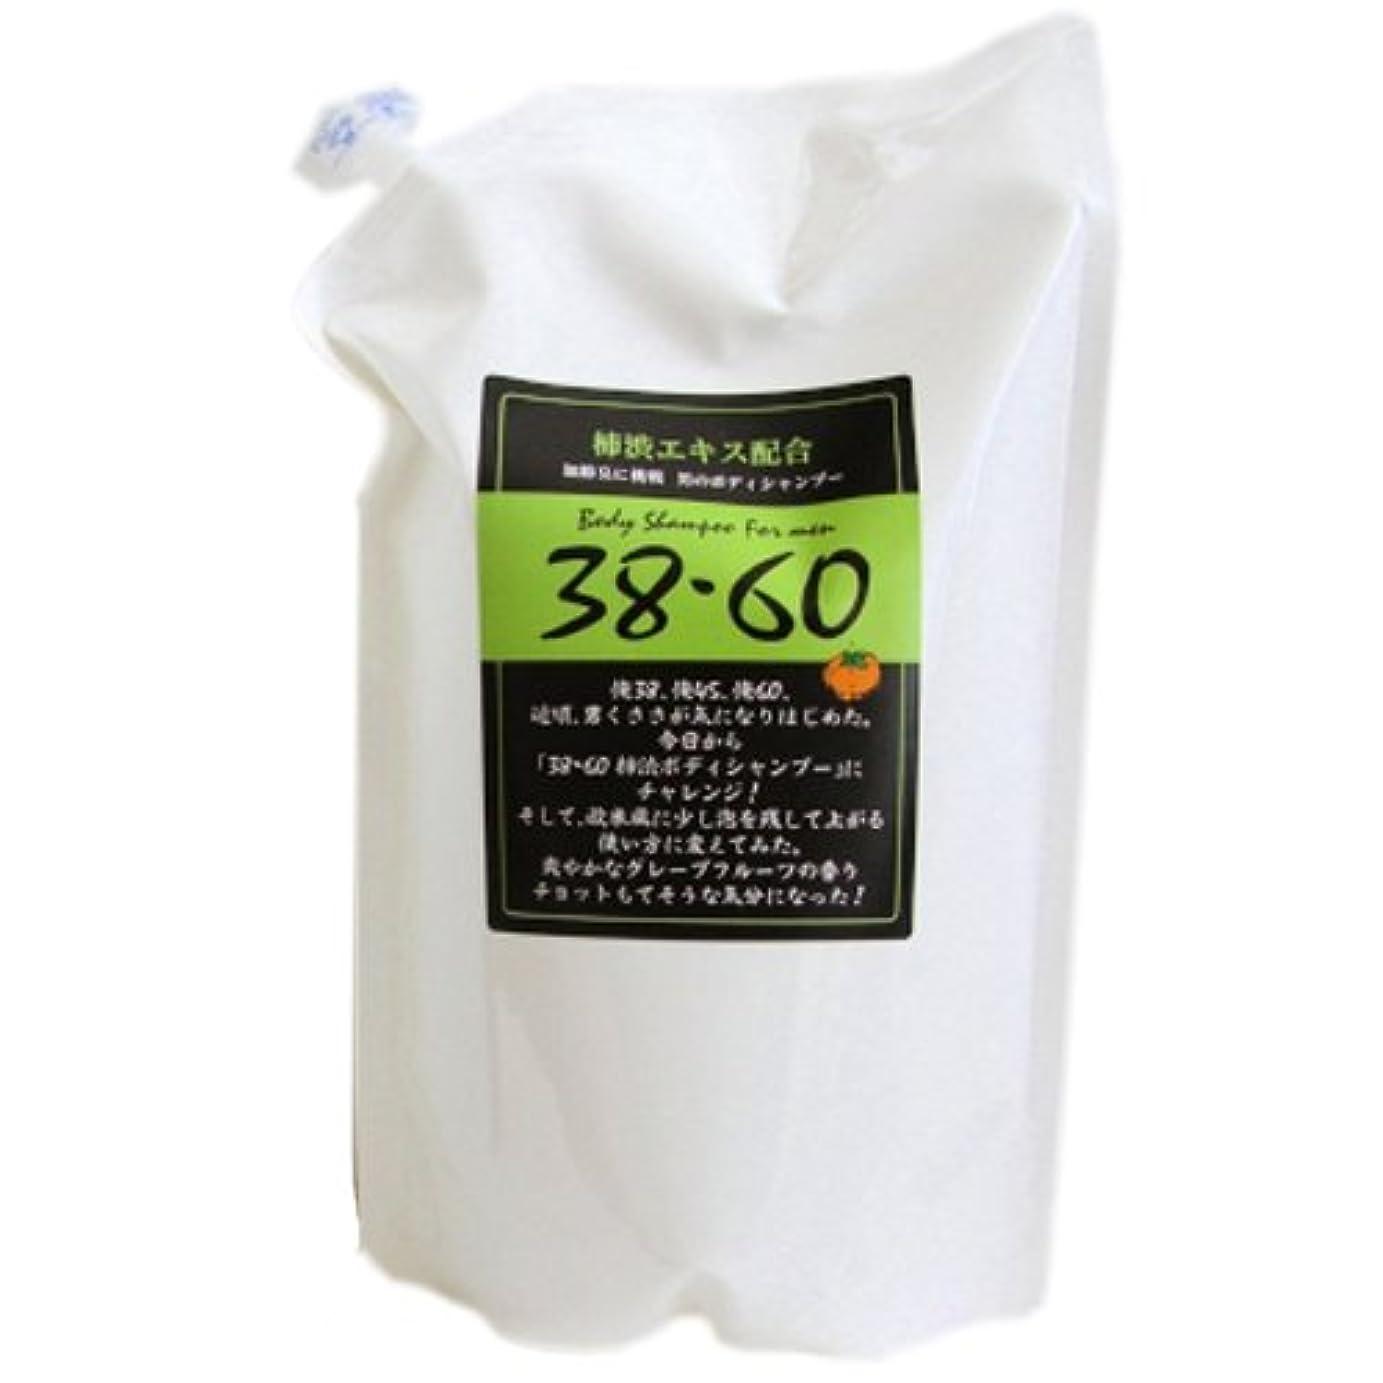 繊毛サドル闘争38?60柿渋ボディシャンプー詰替1500ml×2